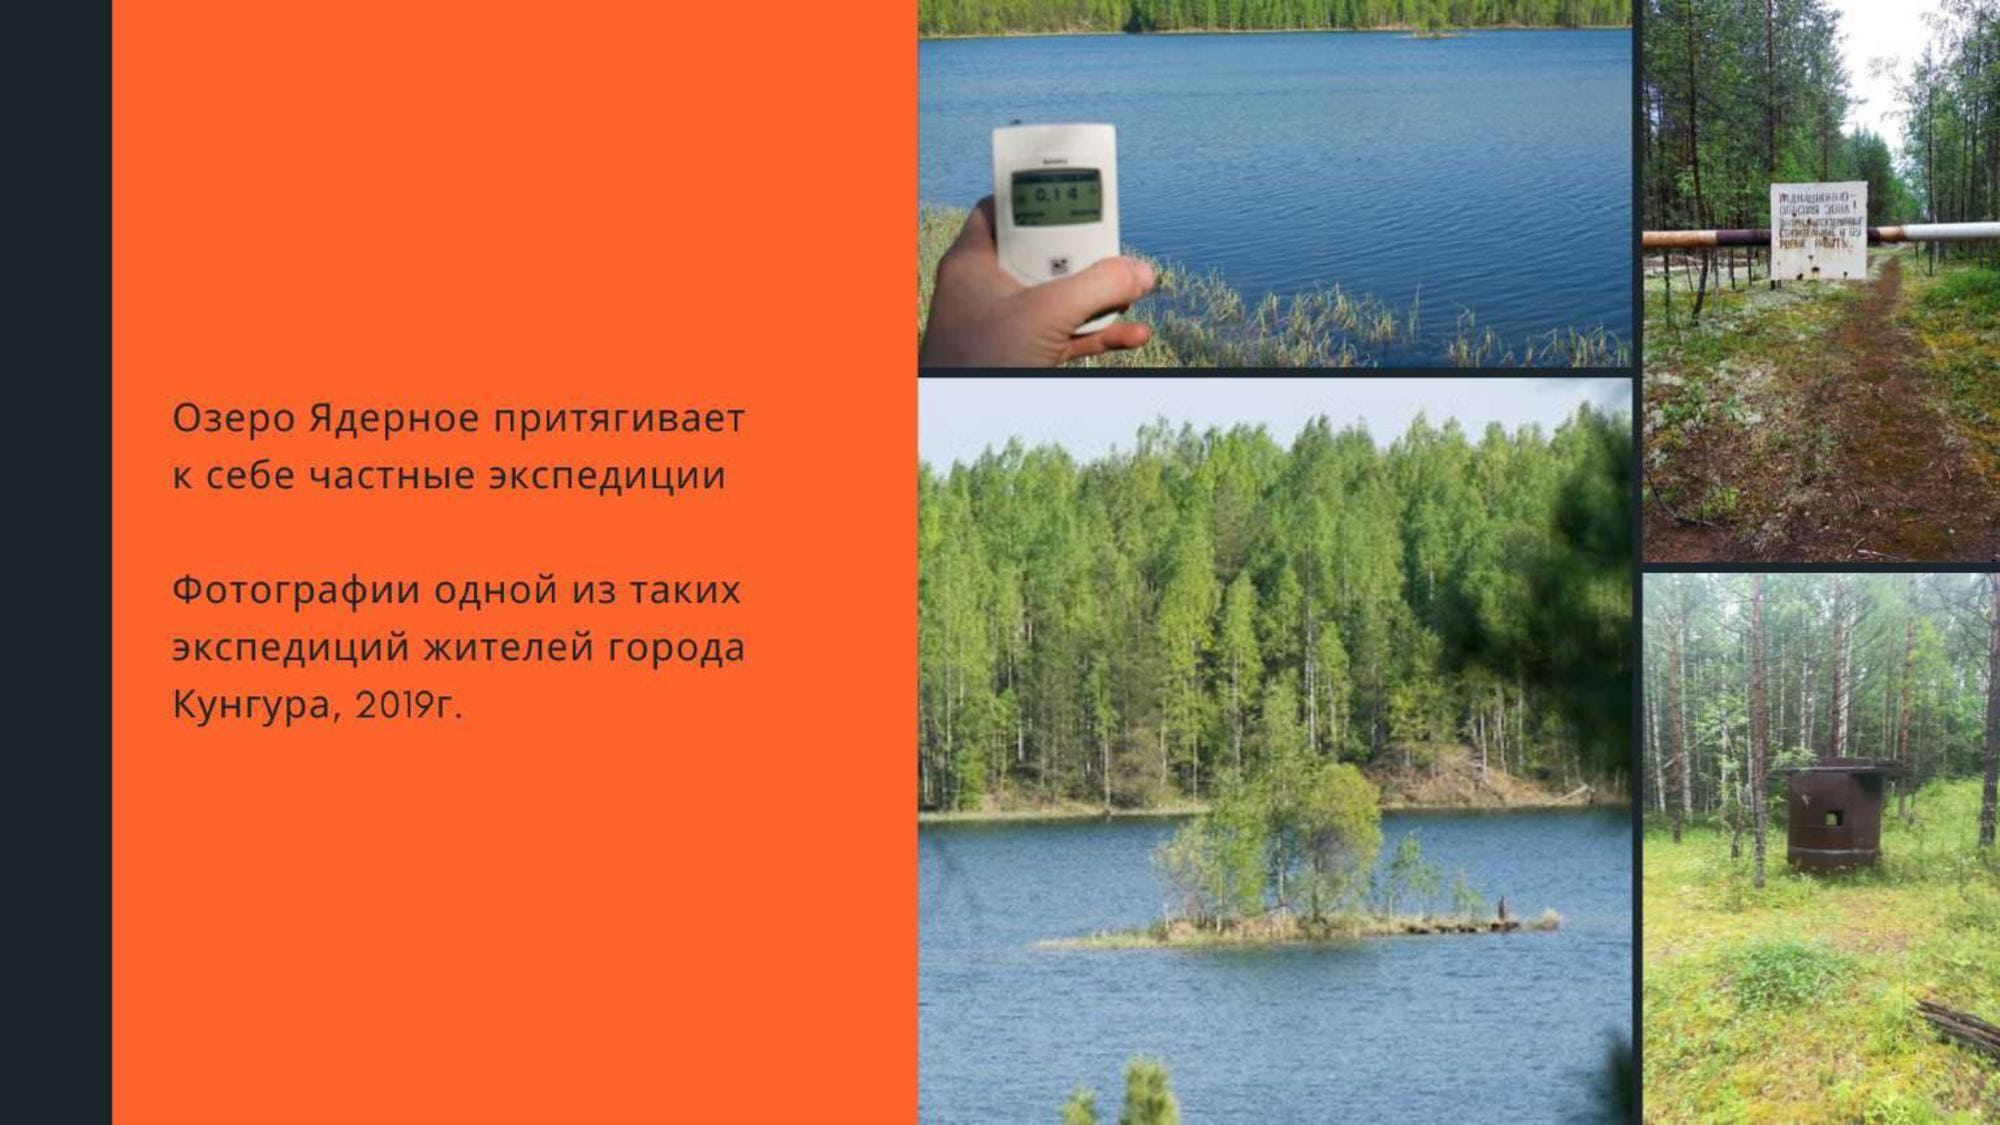 Озеро Ядерное притягивает к себе частные экспедиции